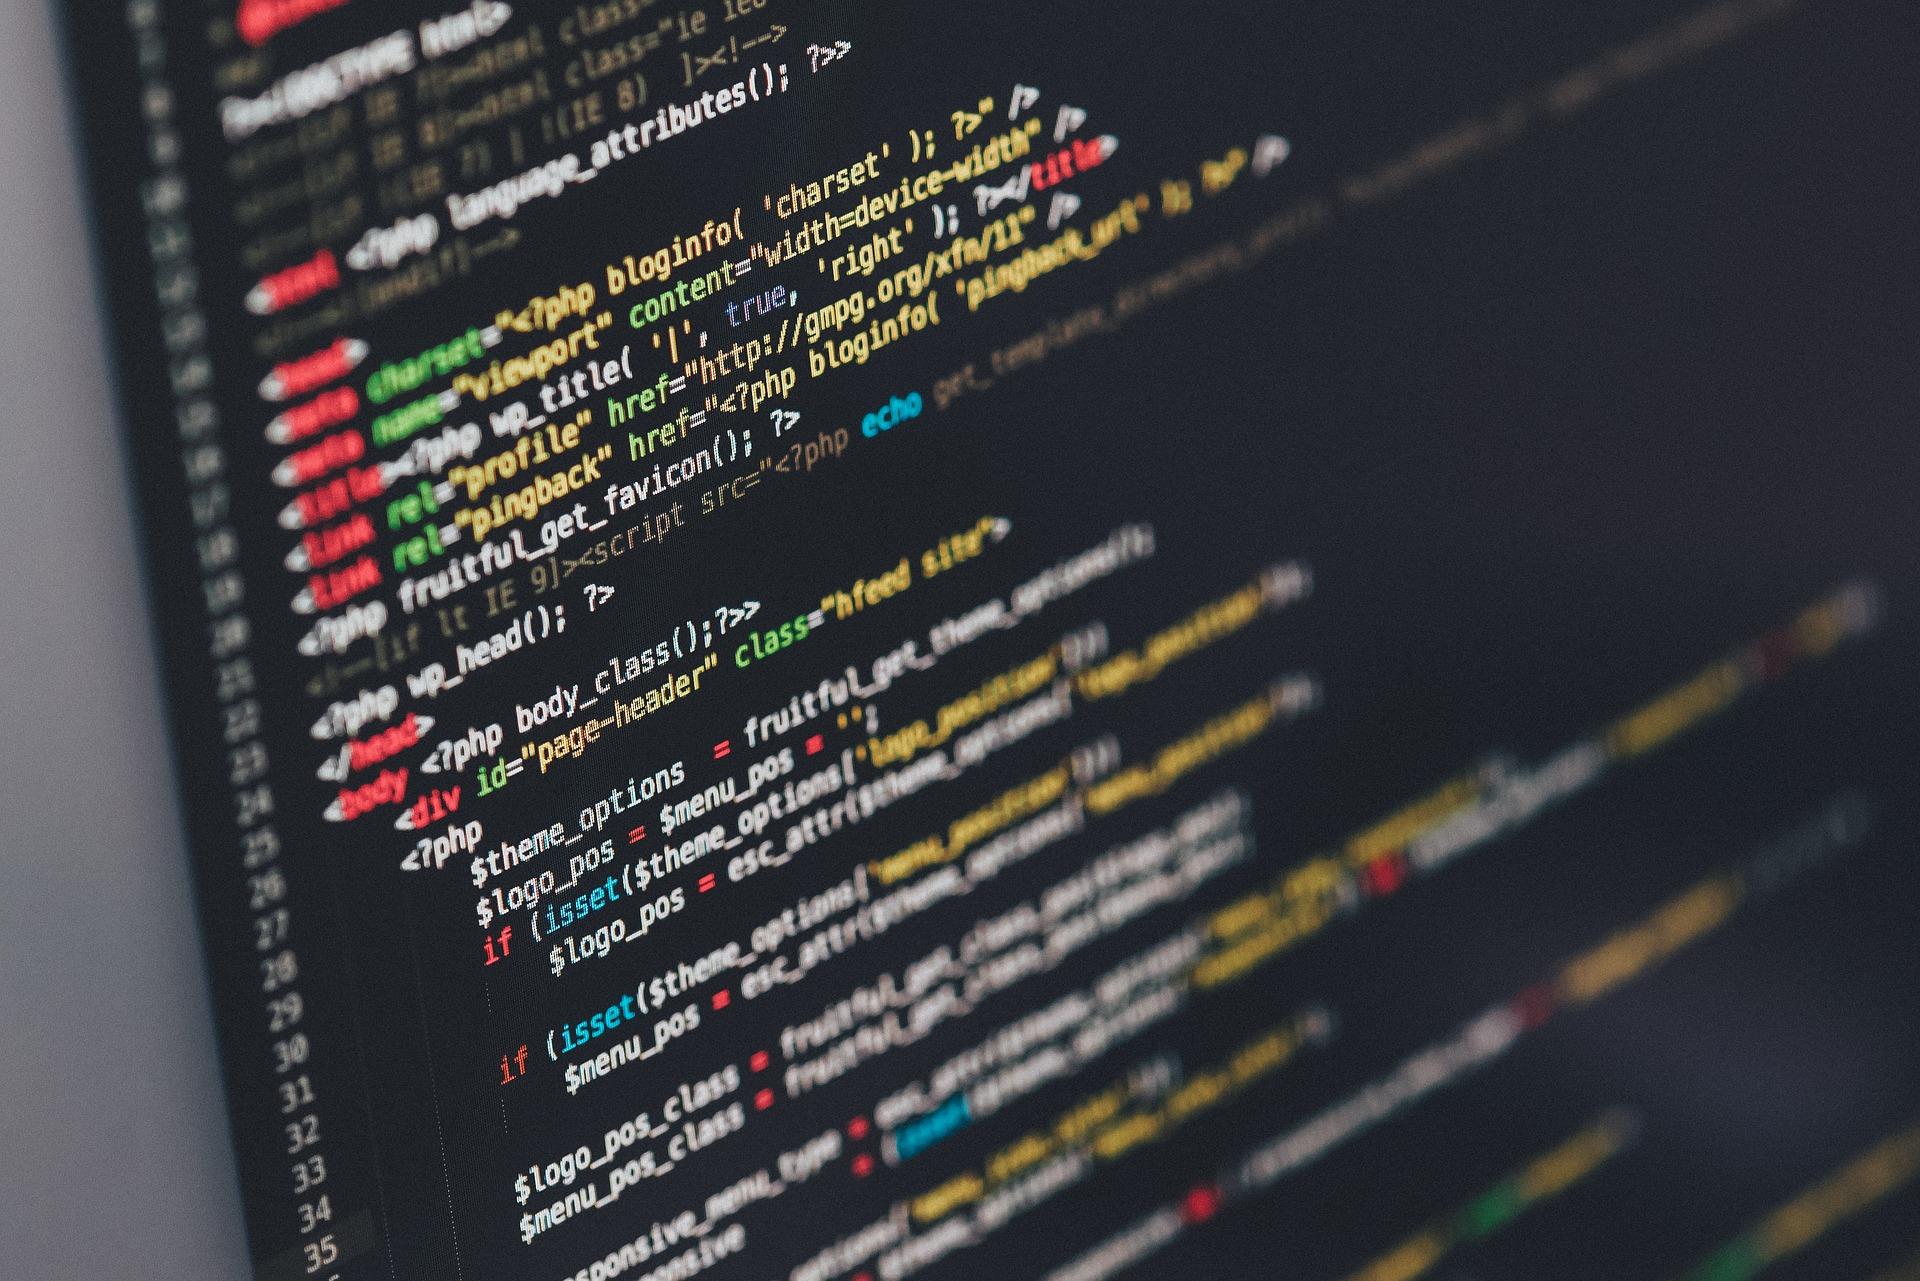 Les langages de programmation les plus recherchés par les recruteurs en France